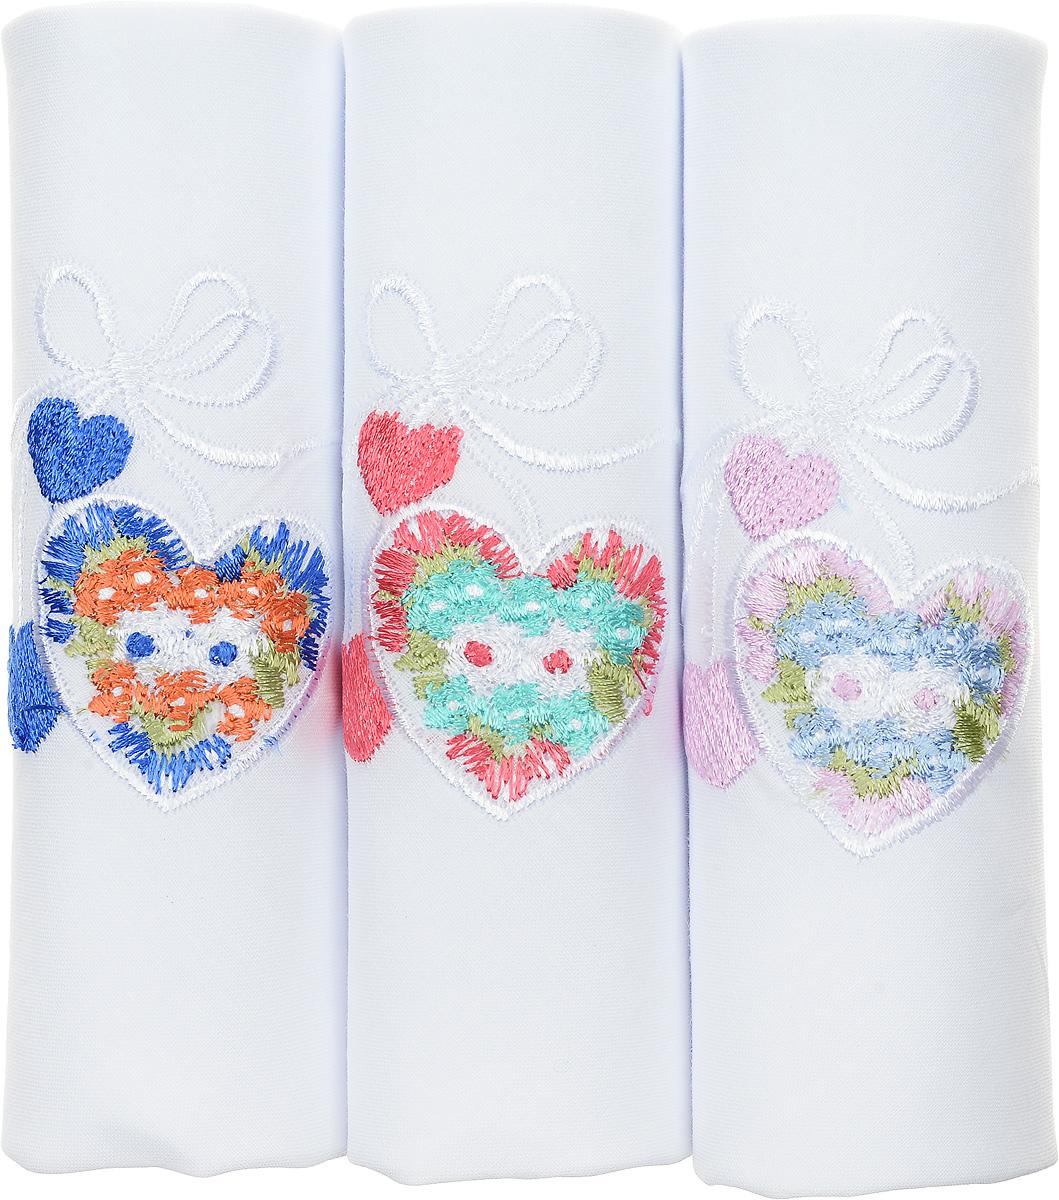 Платок носовой женский Zlata Korunka, цвет: белый, мультиколор, 3 шт. 40320-2. Размер 43 см х 43 см40320-2Оригинальный женский носовой платок Zlata Korunka изготовлен из высококачественного натурального хлопка, благодаря чему приятен в использовании, хорошо стирается, не садится и отлично впитывает влагу. Практичный и изящный носовой платок будет незаменим в повседневной жизни любого современного человека. Такой платок послужит стильным аксессуаром и подчеркнет ваше превосходное чувство вкуса.